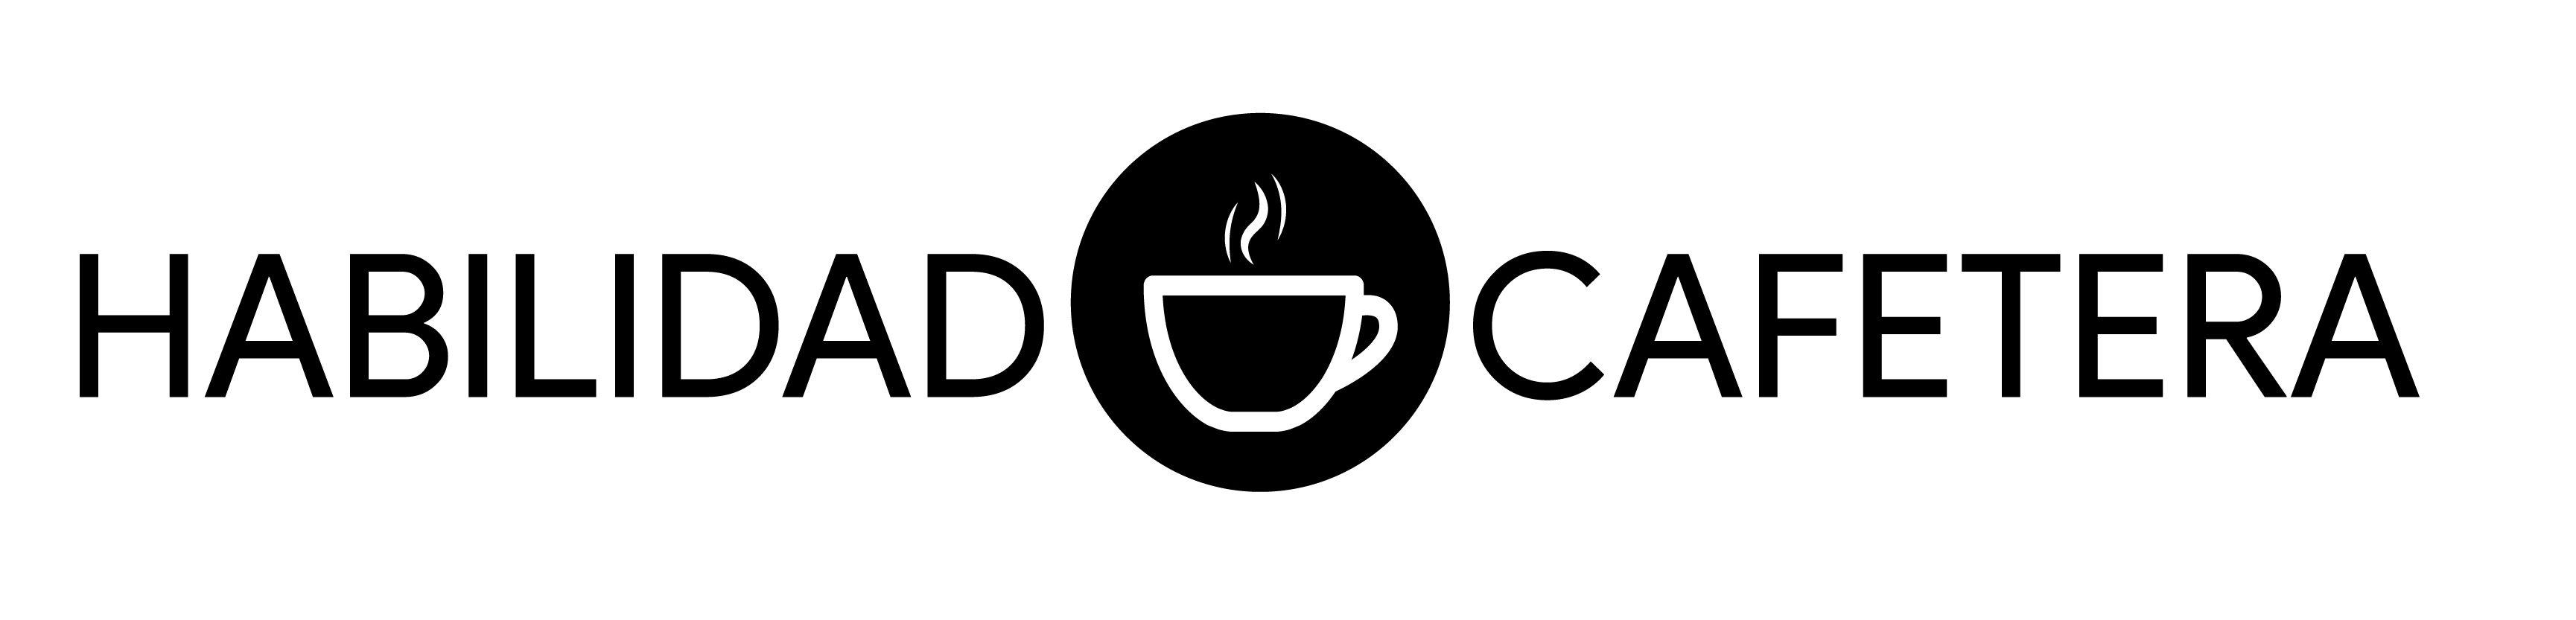 Habilidad Cafetera